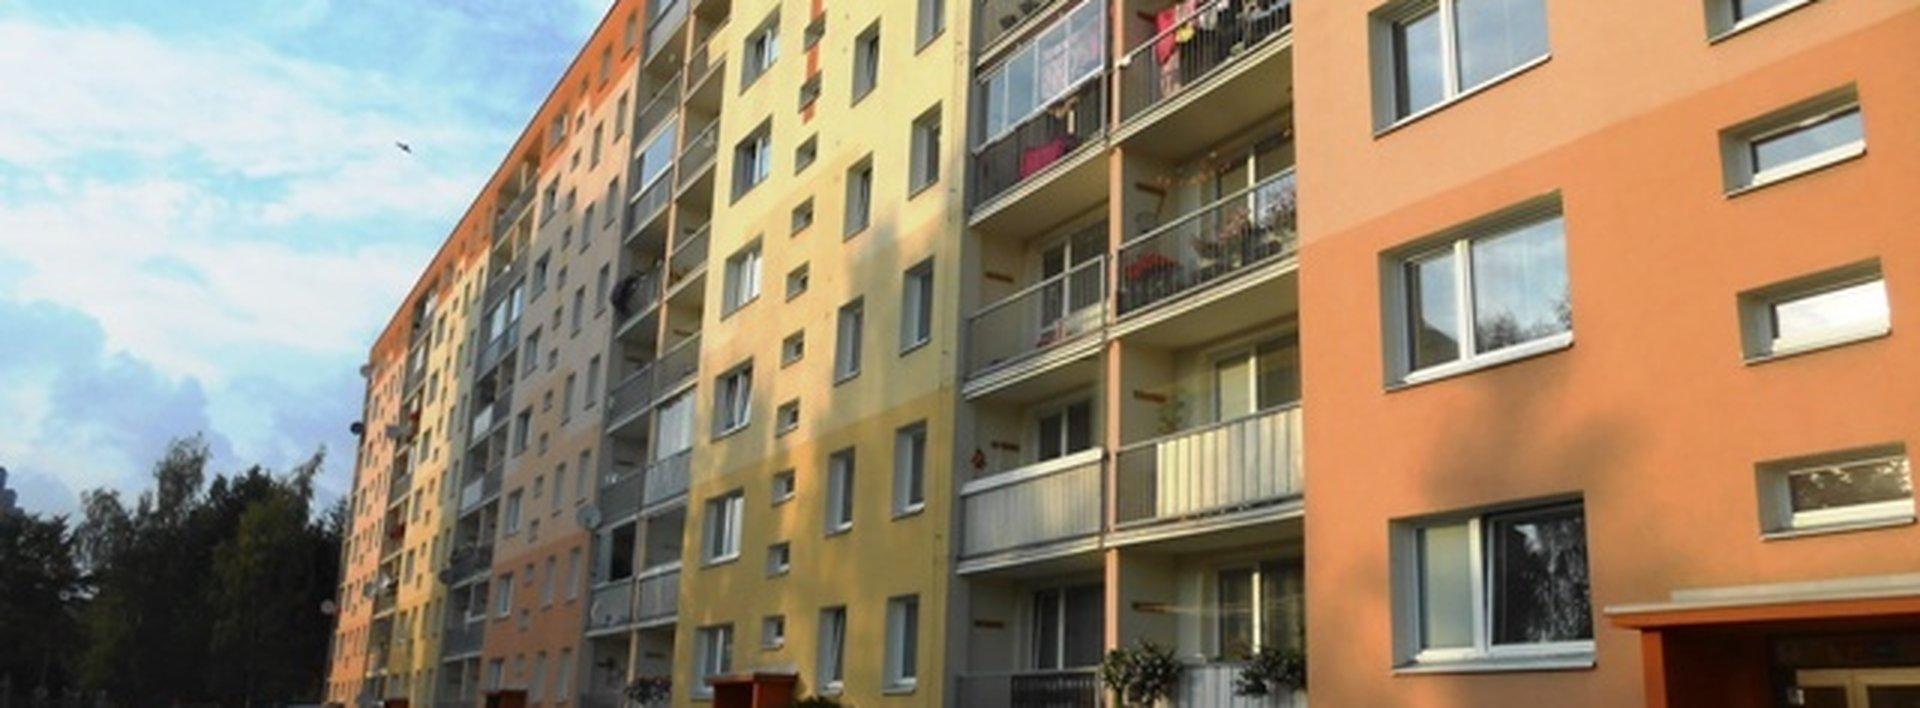 Prodej bytu 3+1 s lodžií v Jablonci nad Nisou - Mšeně, Ev.č.: N47394